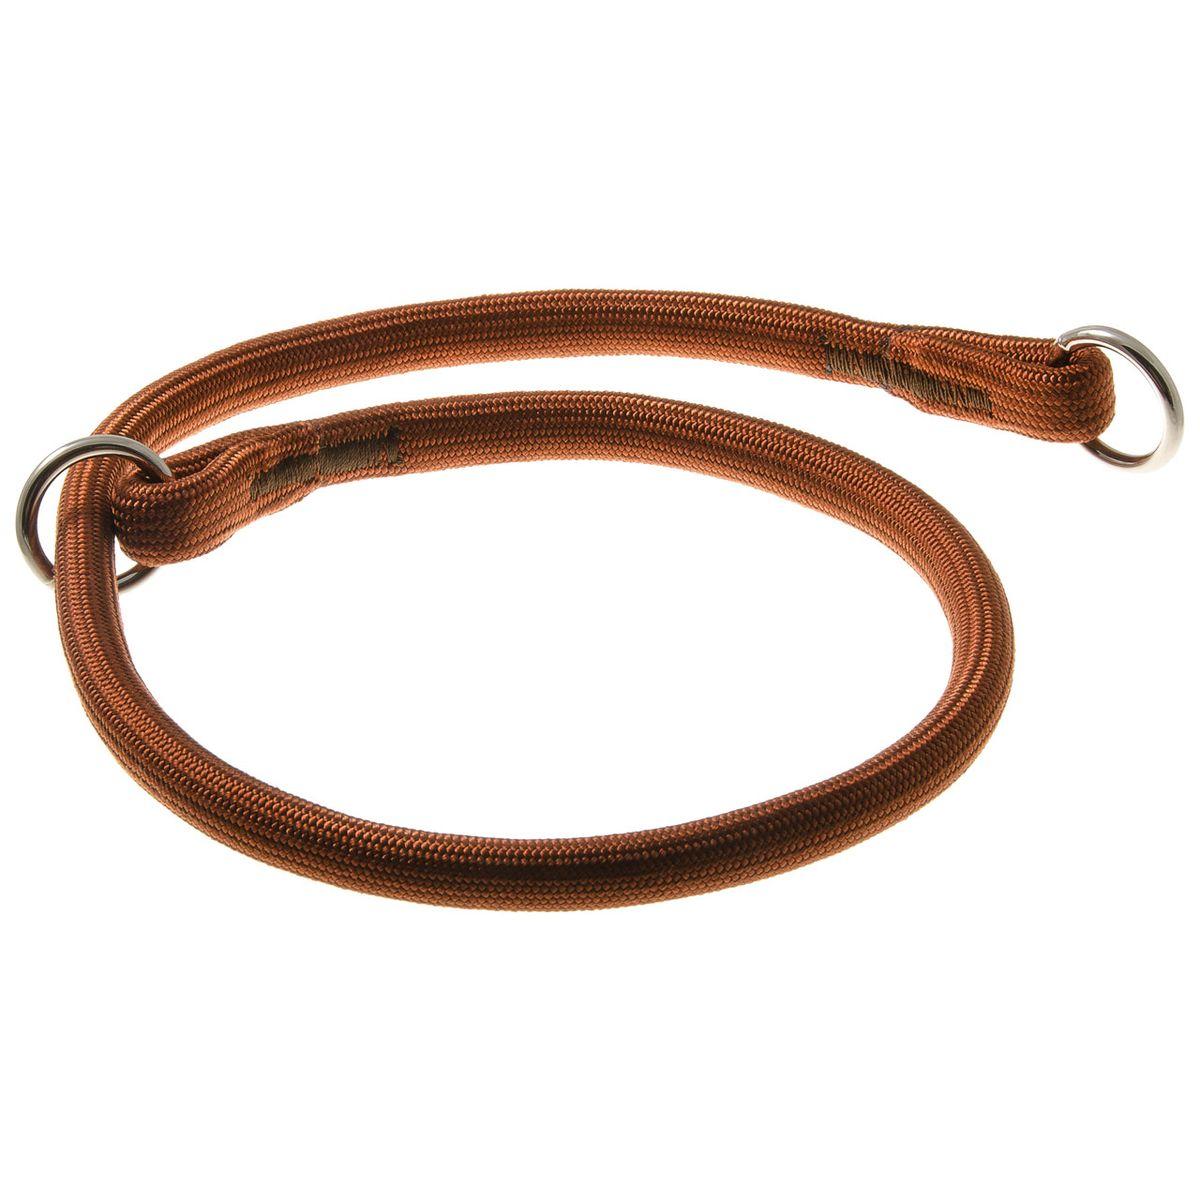 Ошейник-удавка с 2-я кольцами круглый 13 мм*80 см (коричневый)76-2185